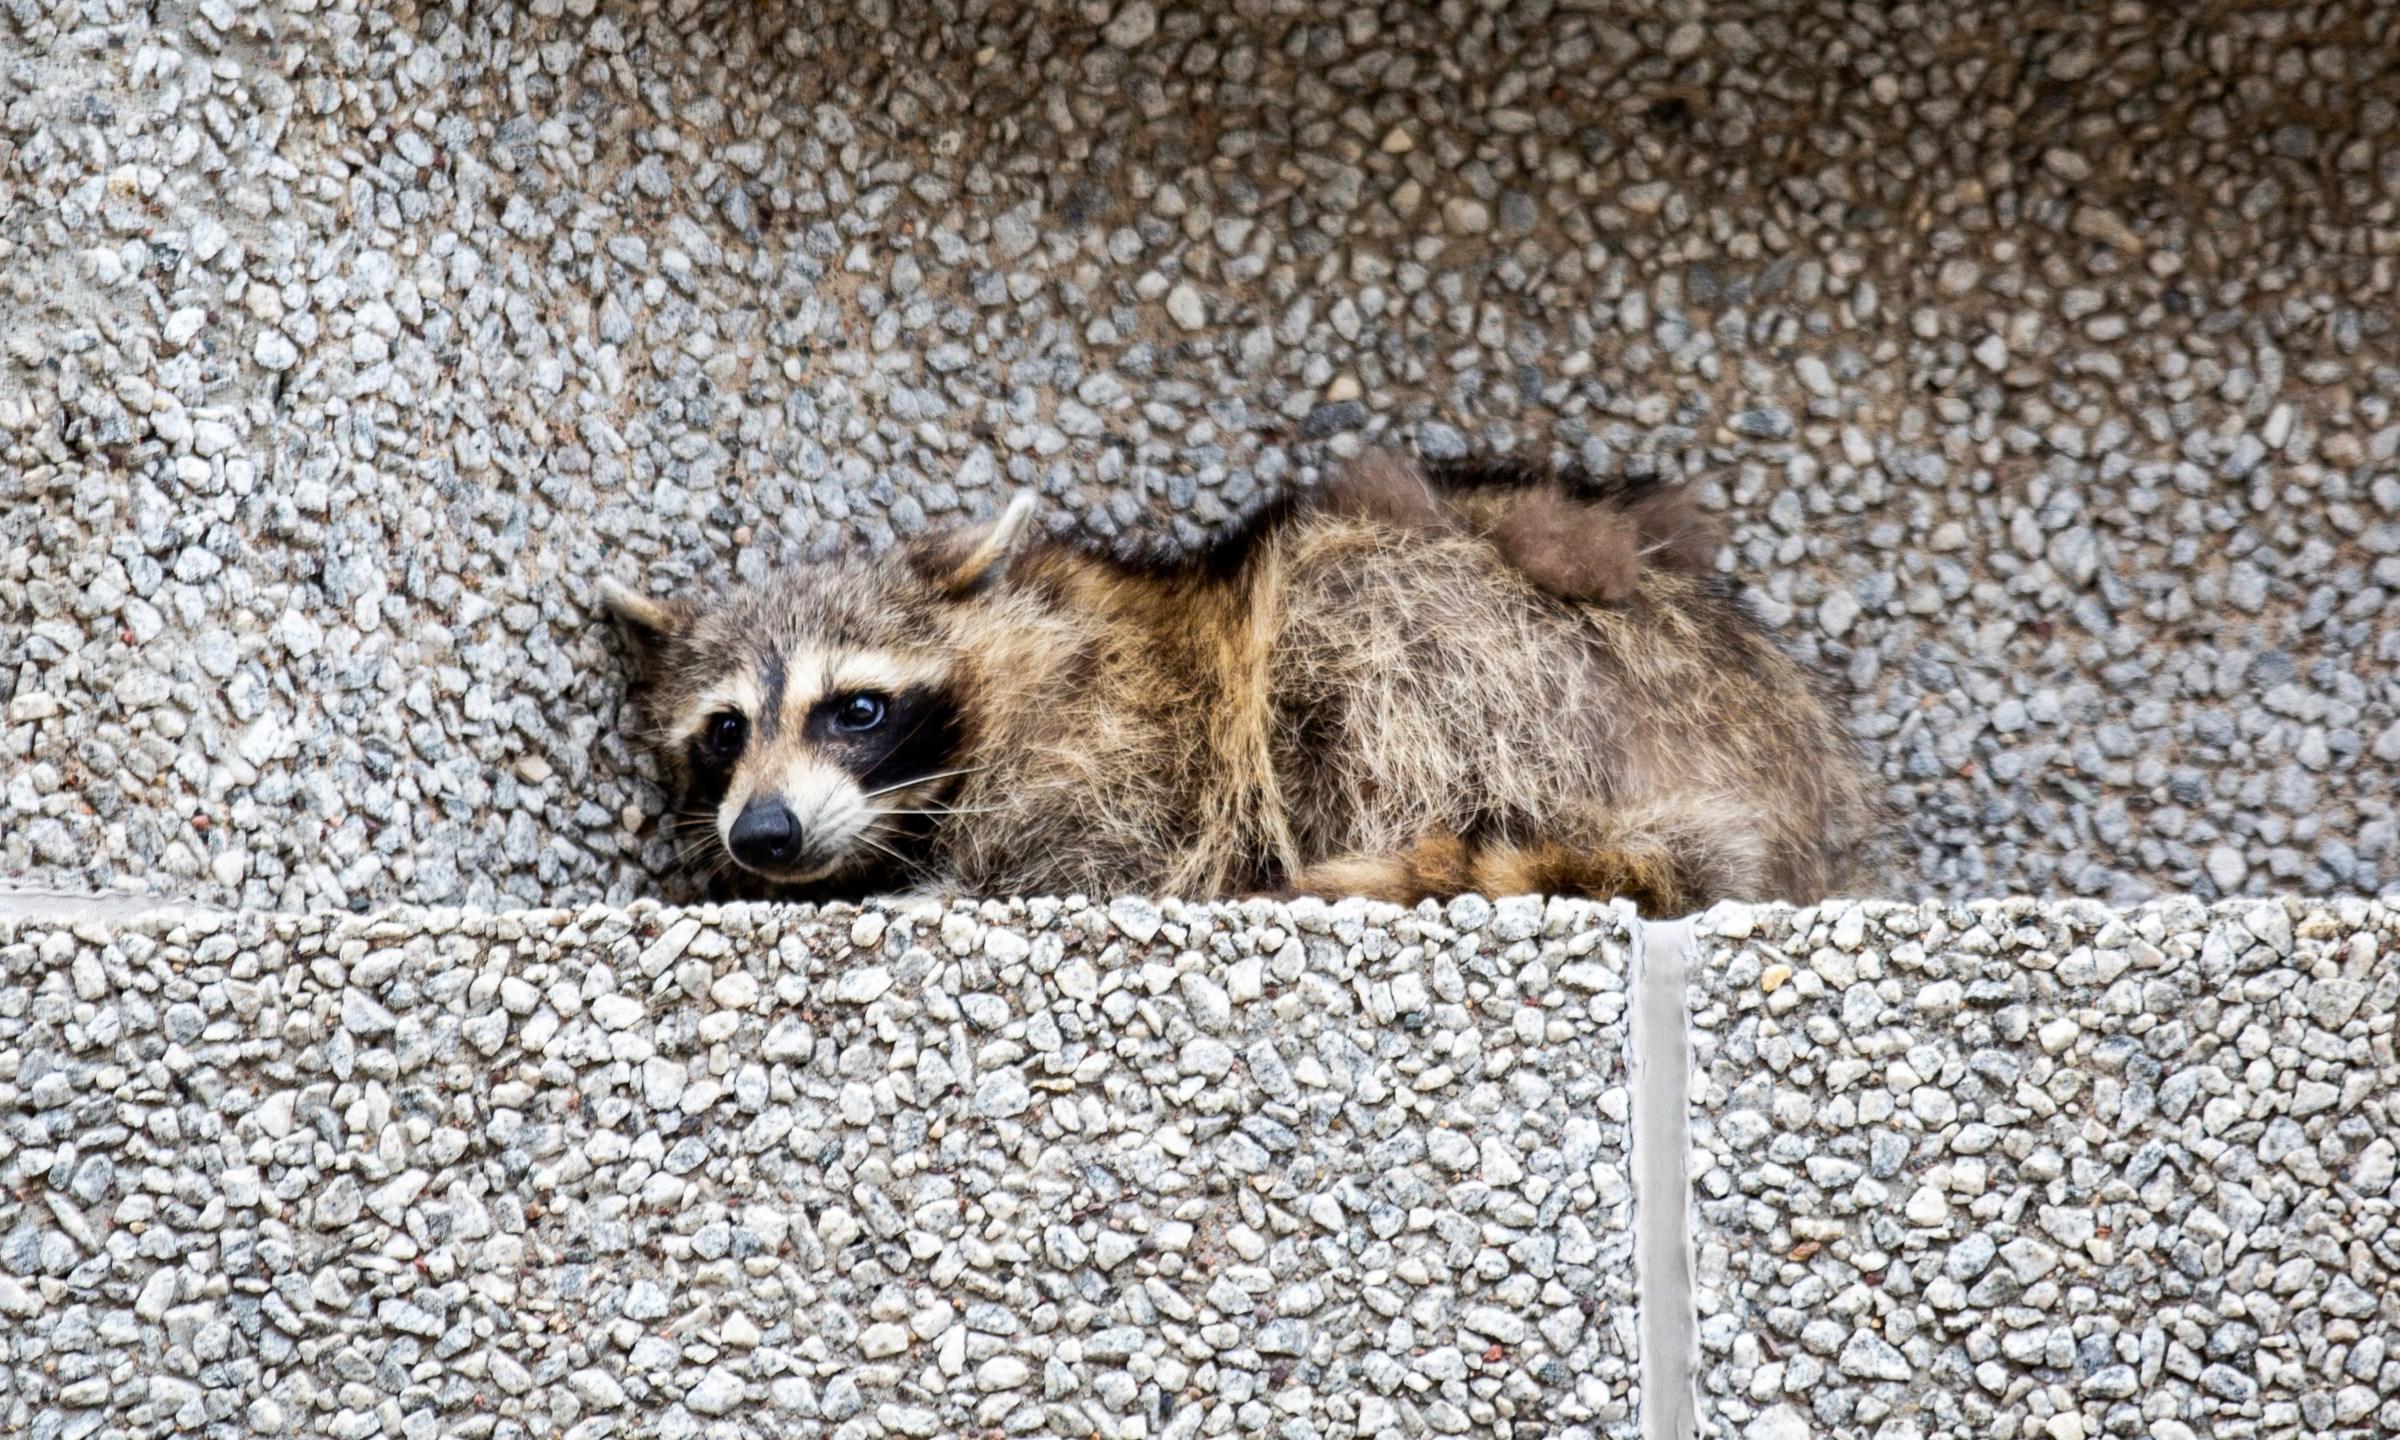 Stranded_Raccoon_49492-159532.jpg24749778